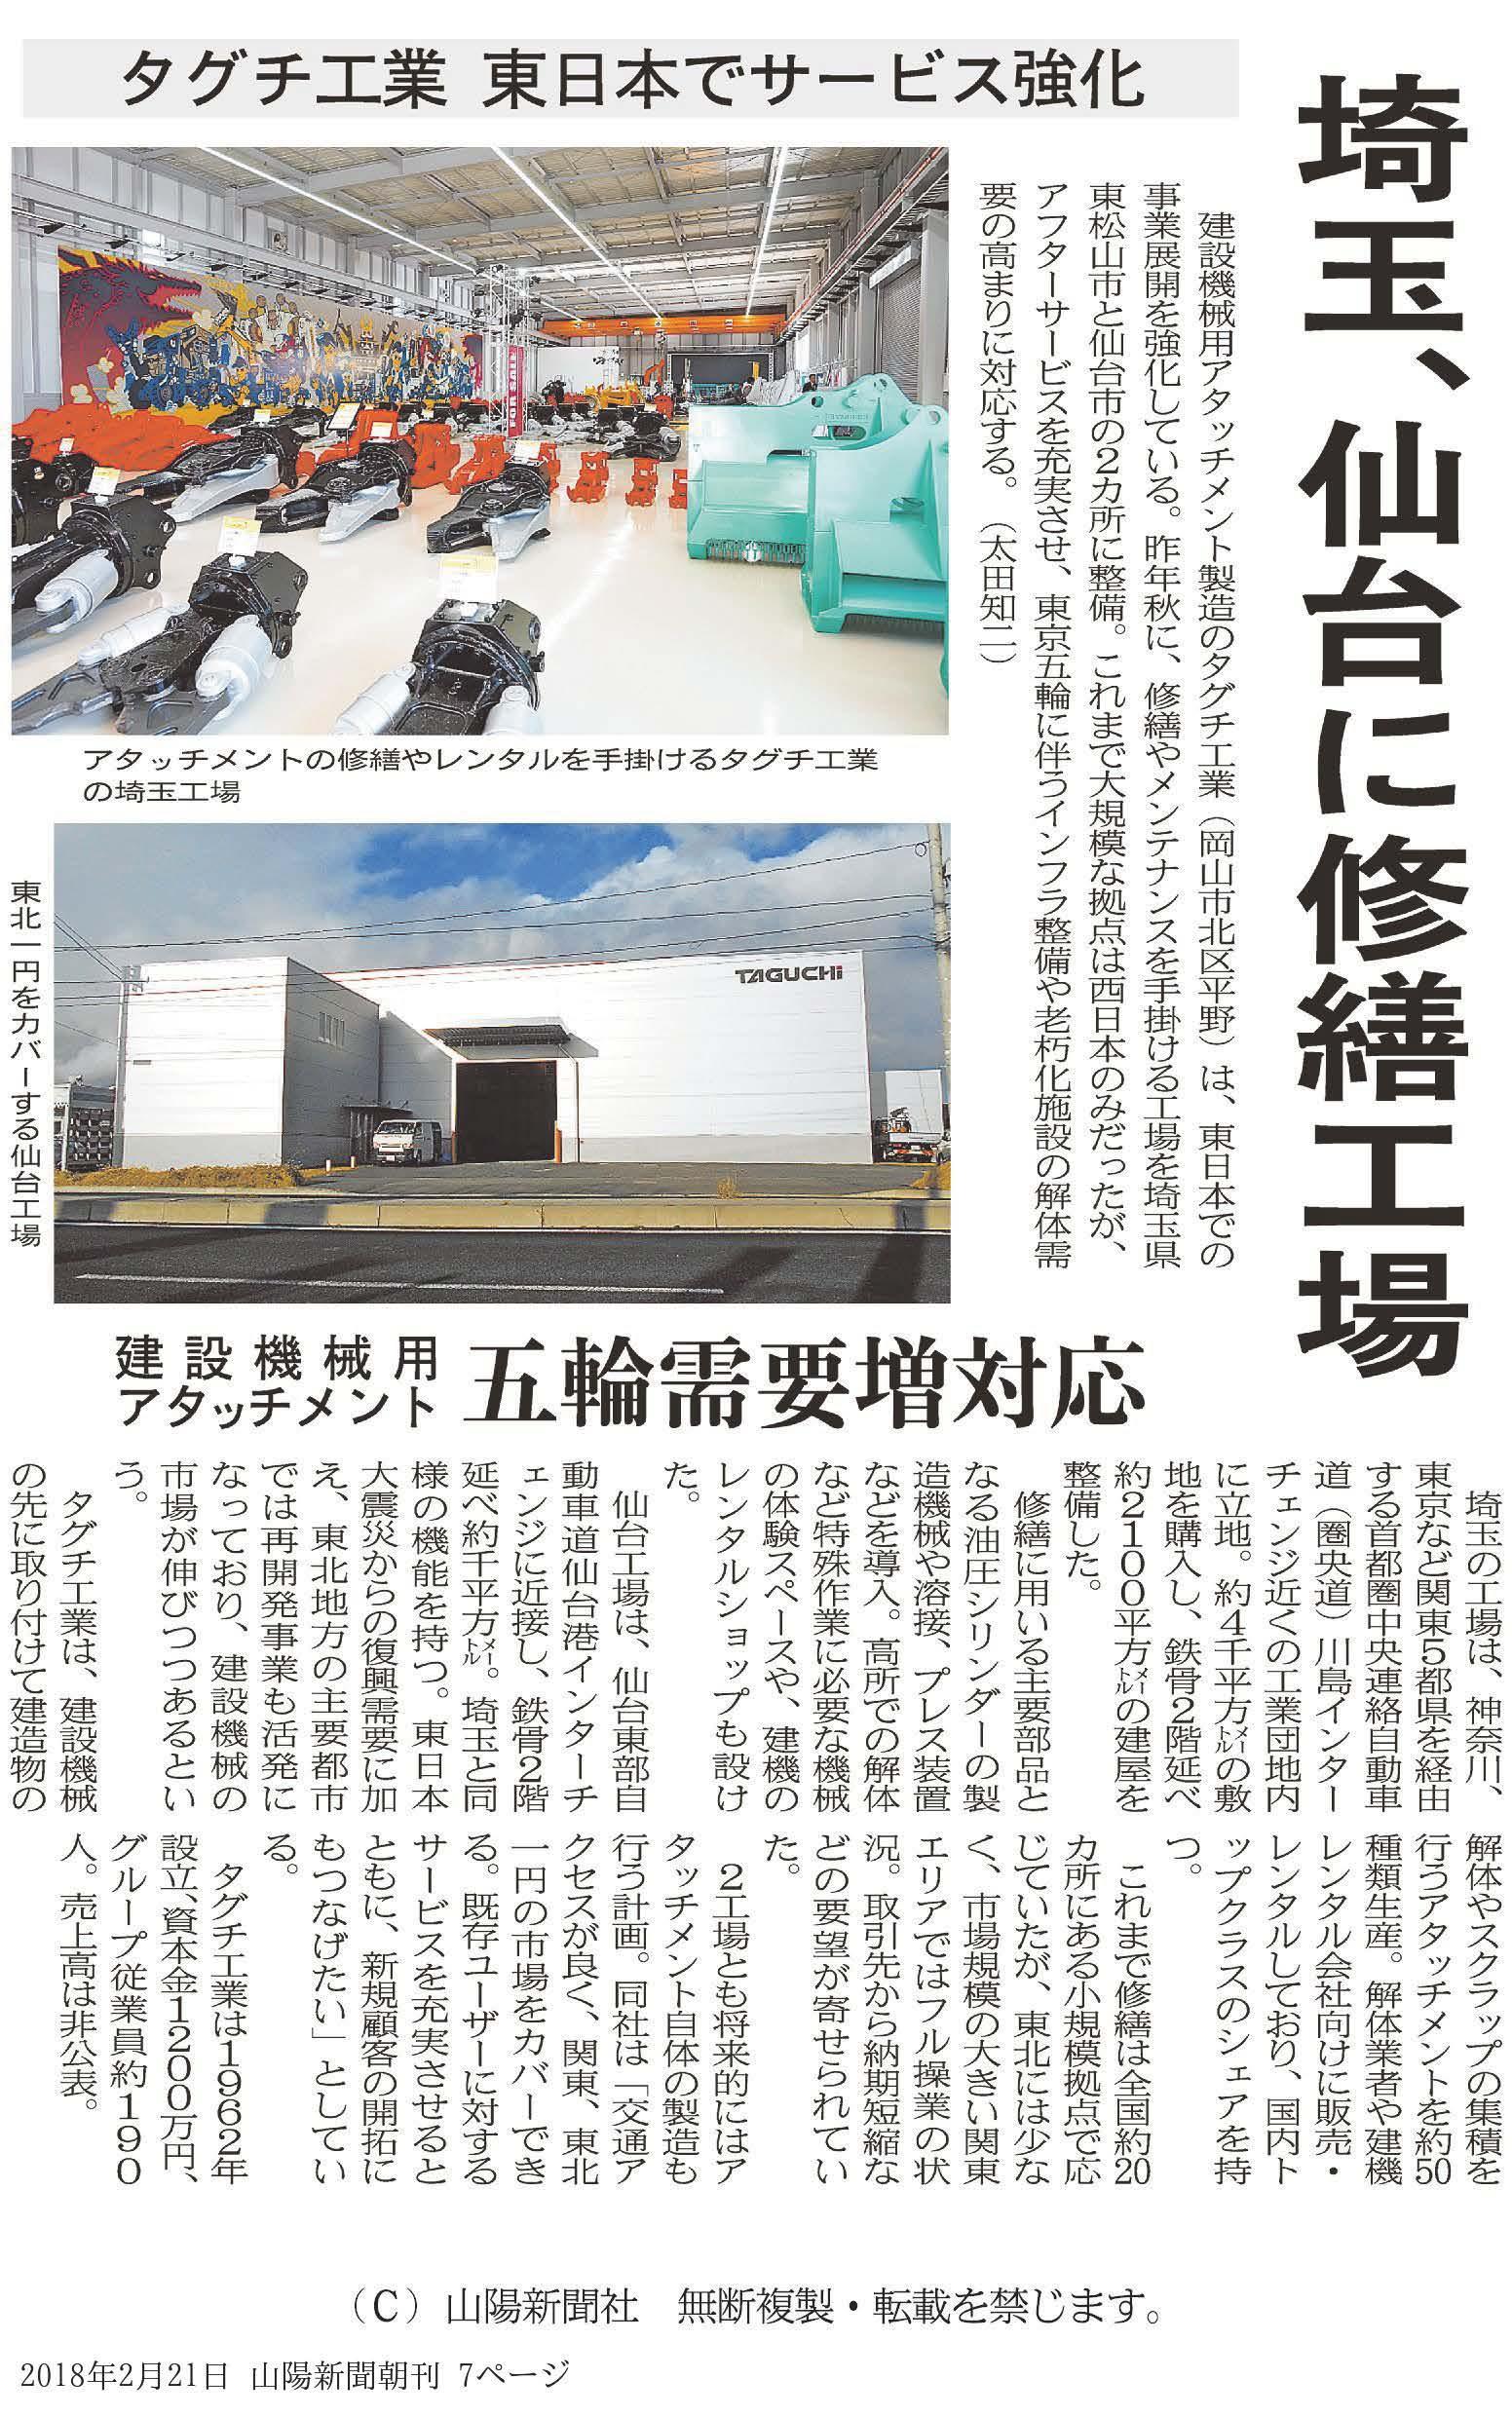 タグチ工業山陽新聞_掲載記事